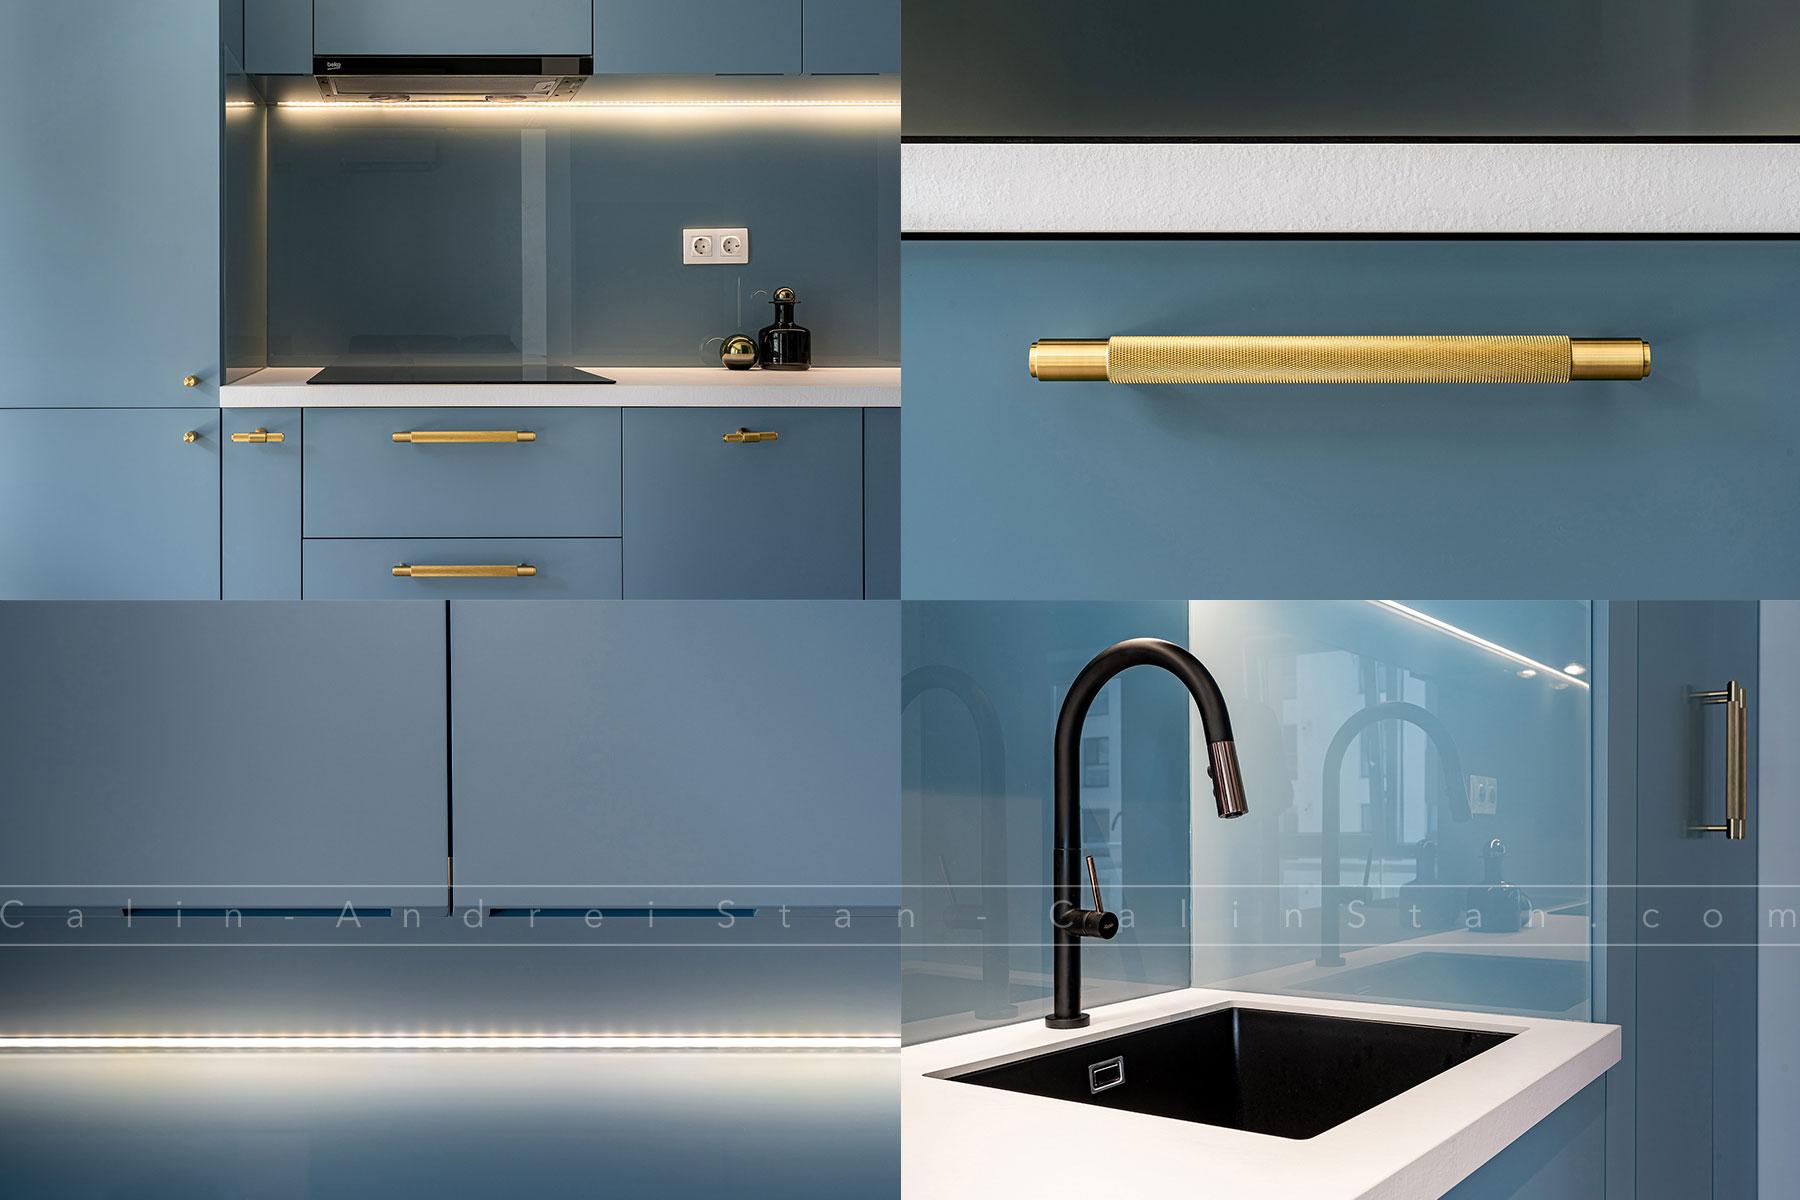 Fotografie de produs - mobilier de bucătărie / Călin Stan